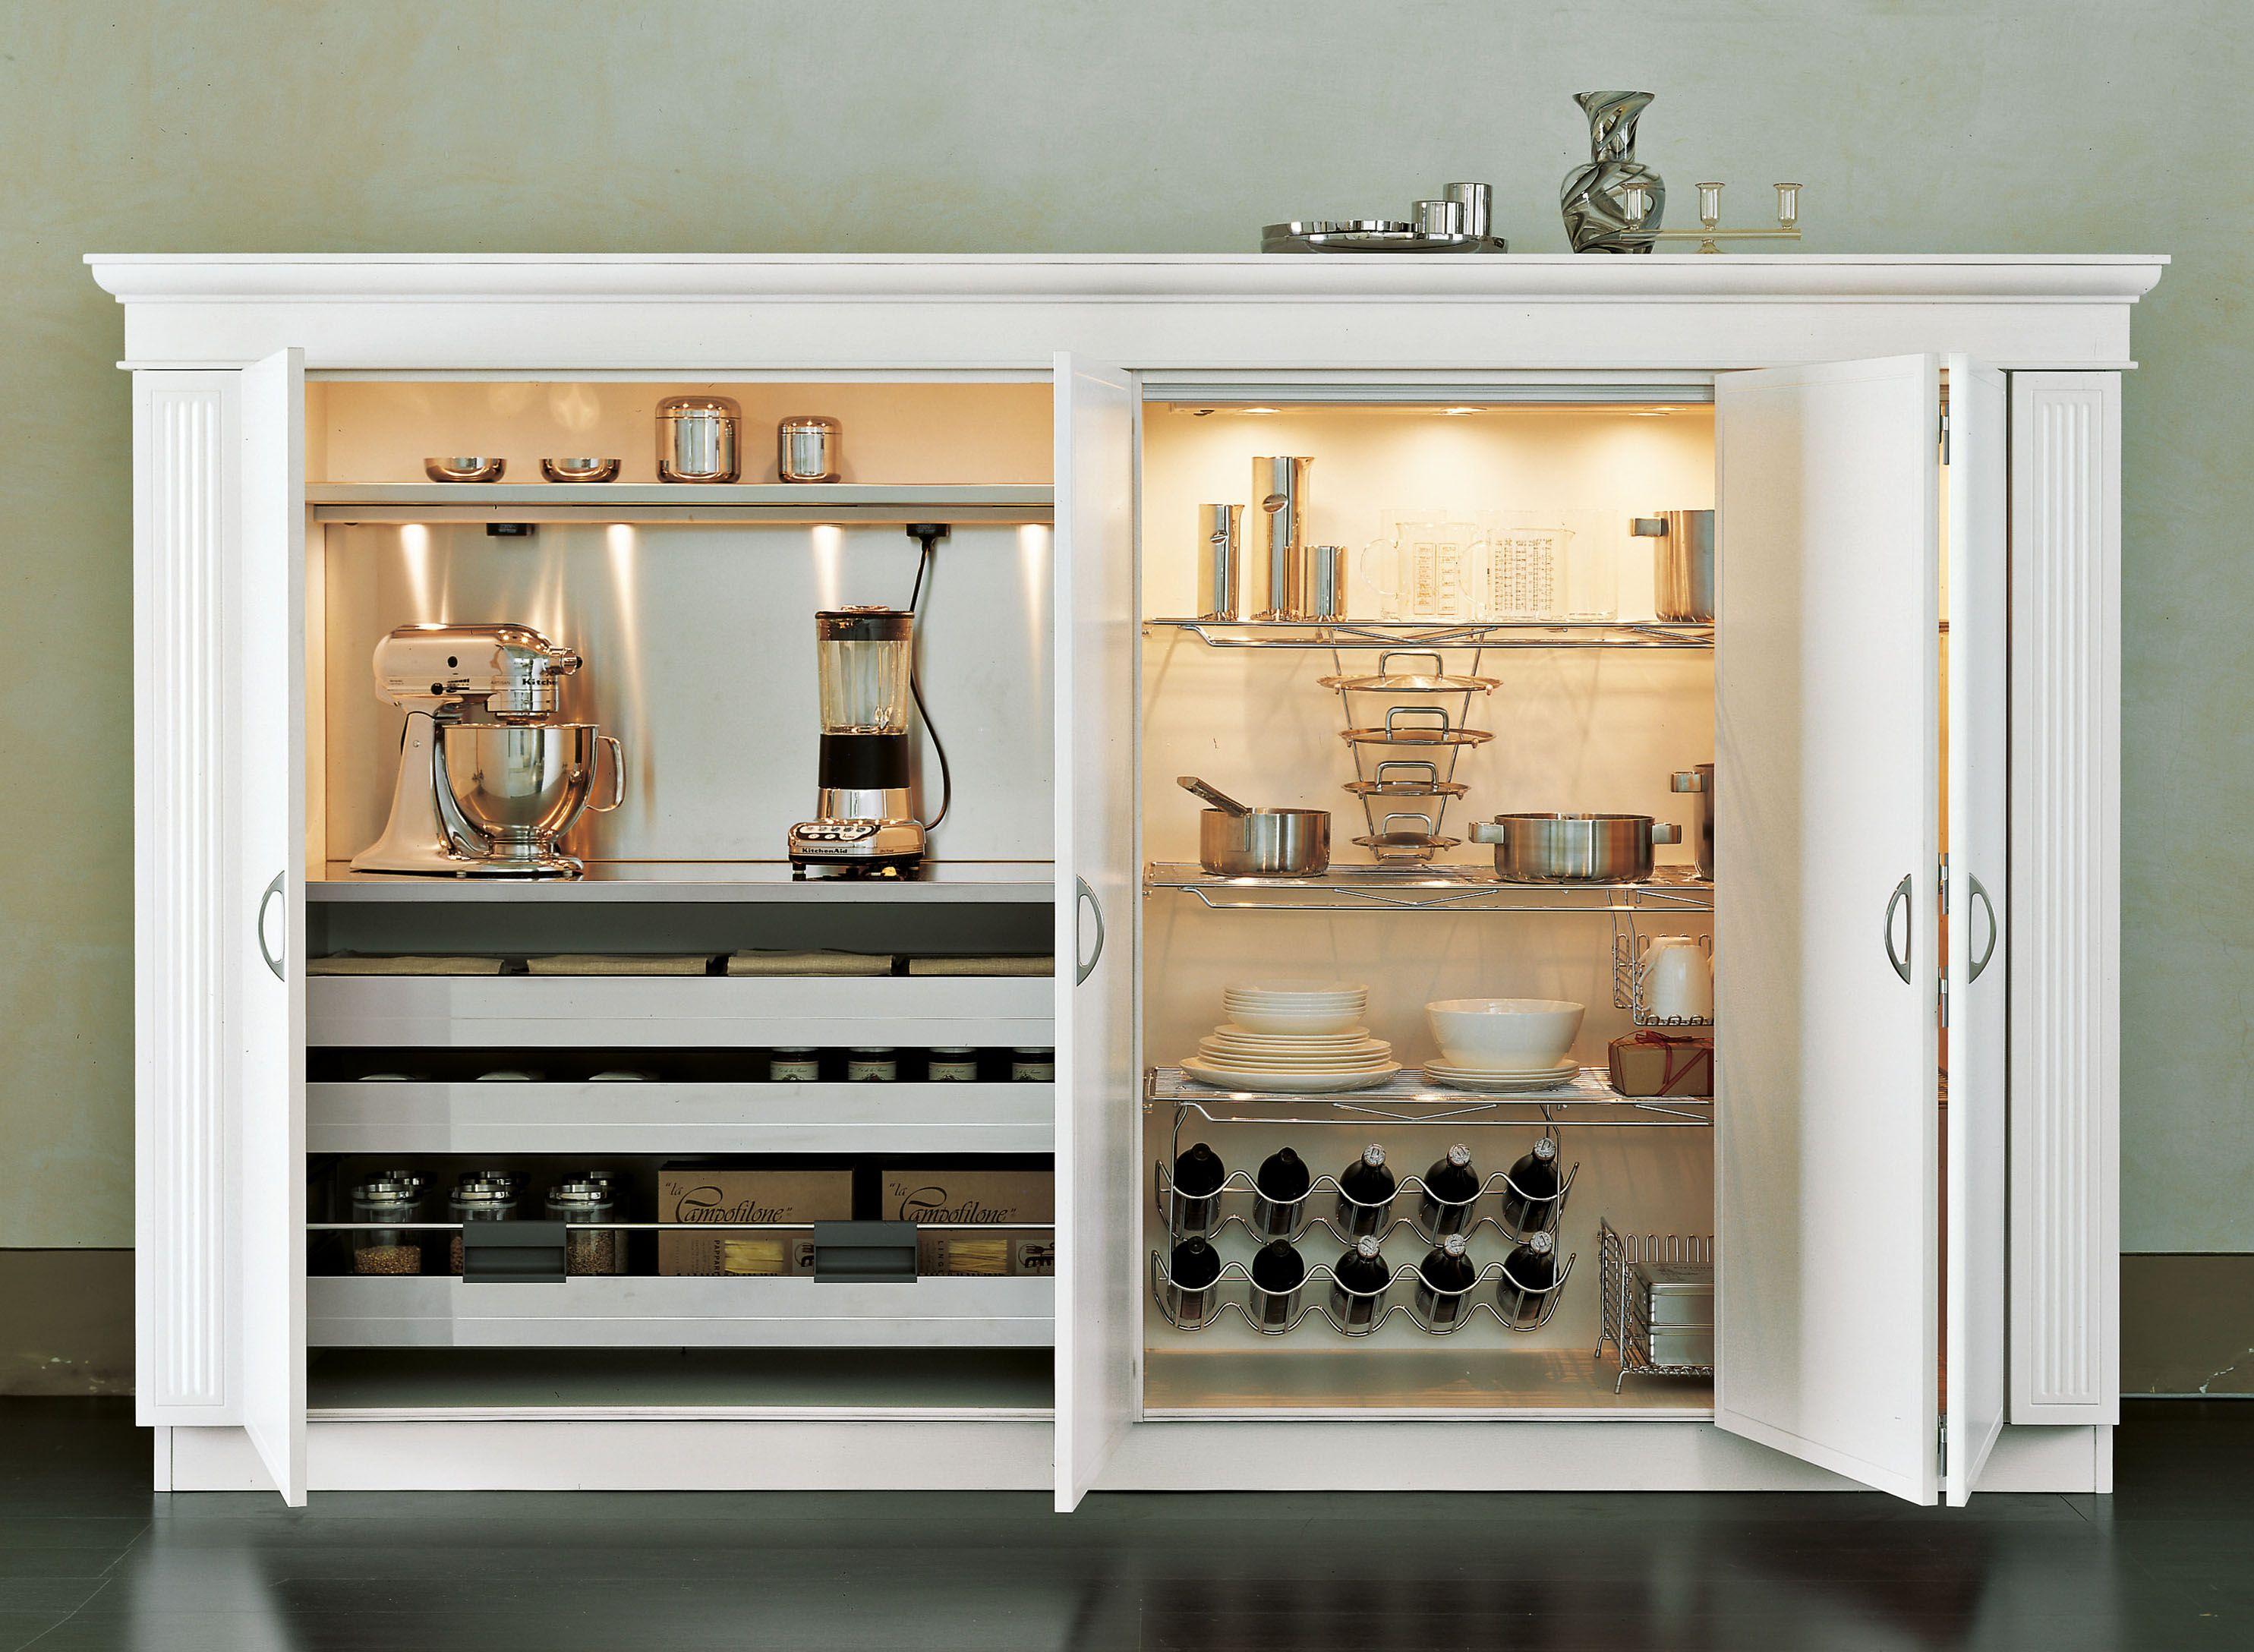 Snaidero #Cucine #Kitchen Florence, Lucci & Orlandini Design ...